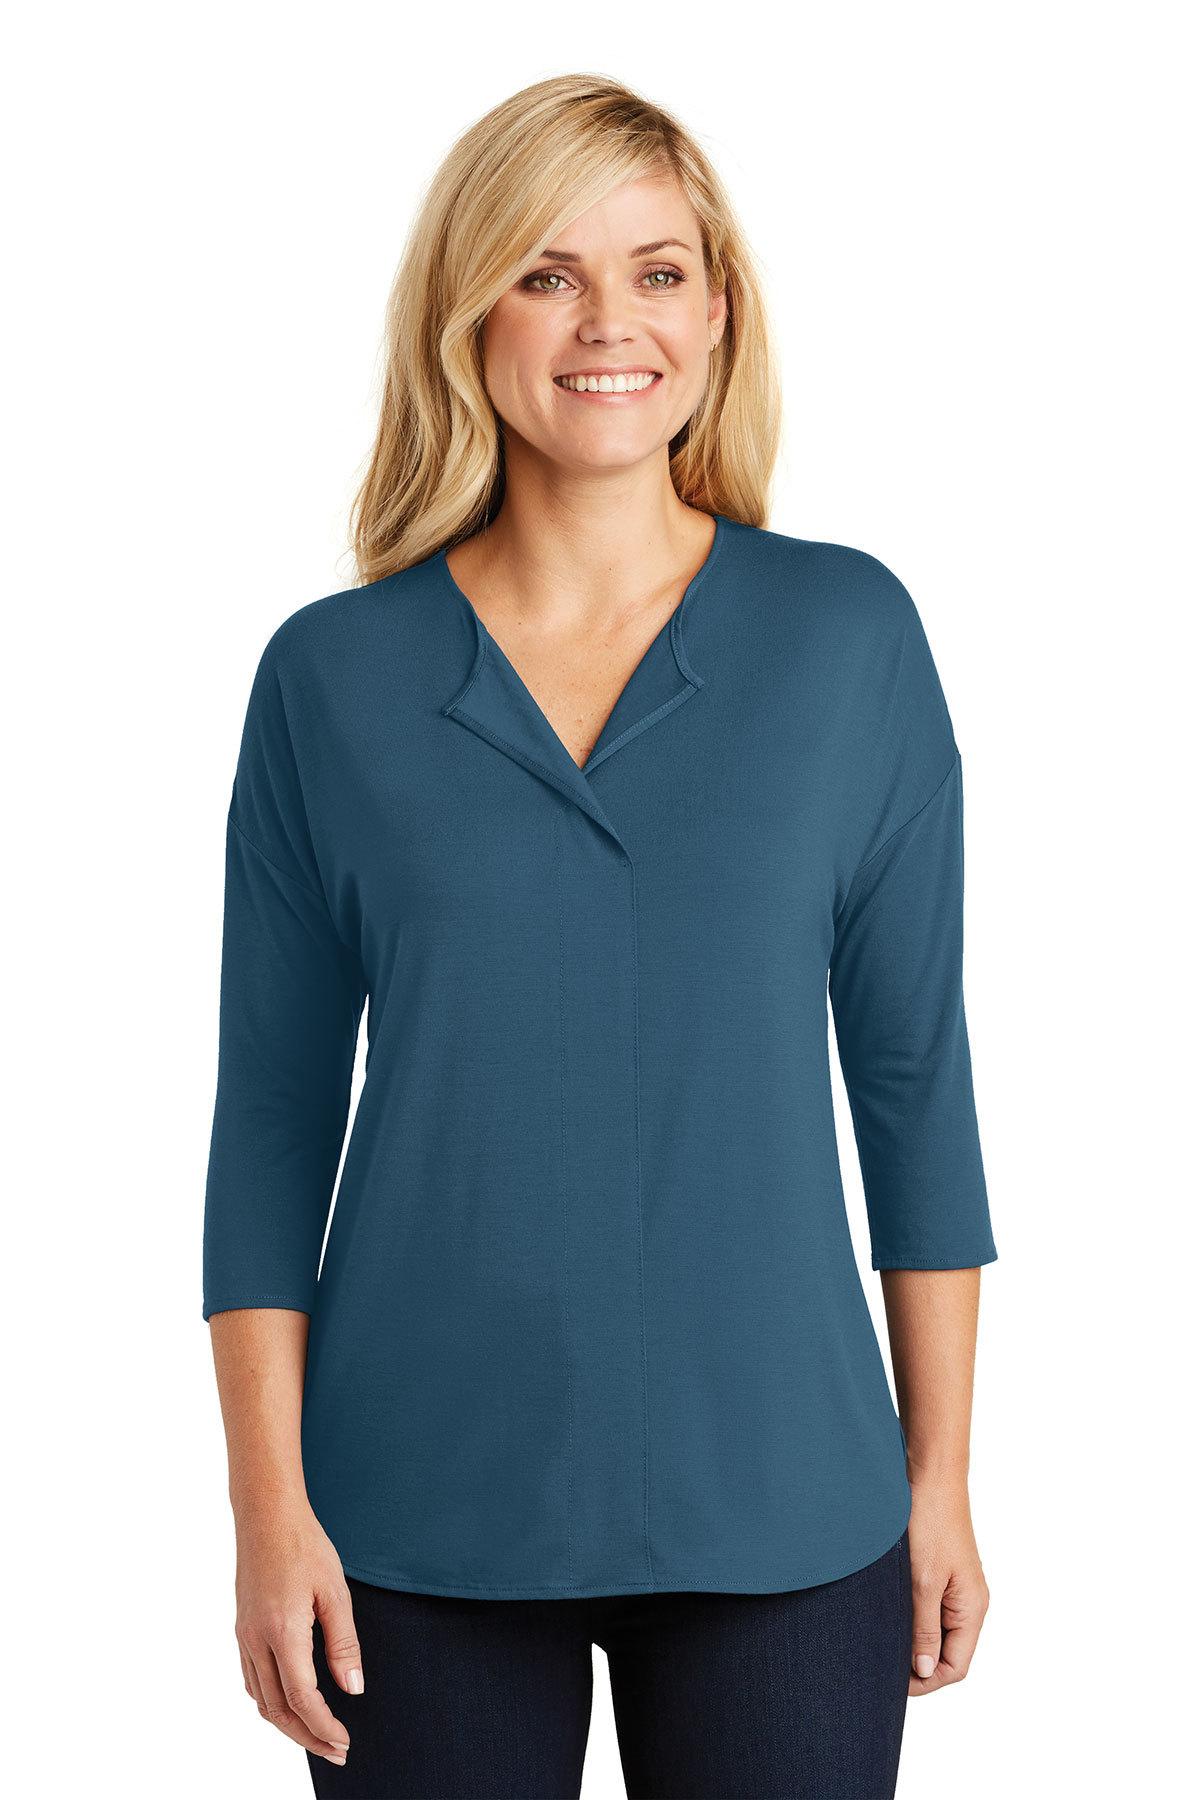 ce7fef9bcf1 Port Authority® Ladies Concept 3/4-Sleeve Soft Split Neck Top | Easy ...